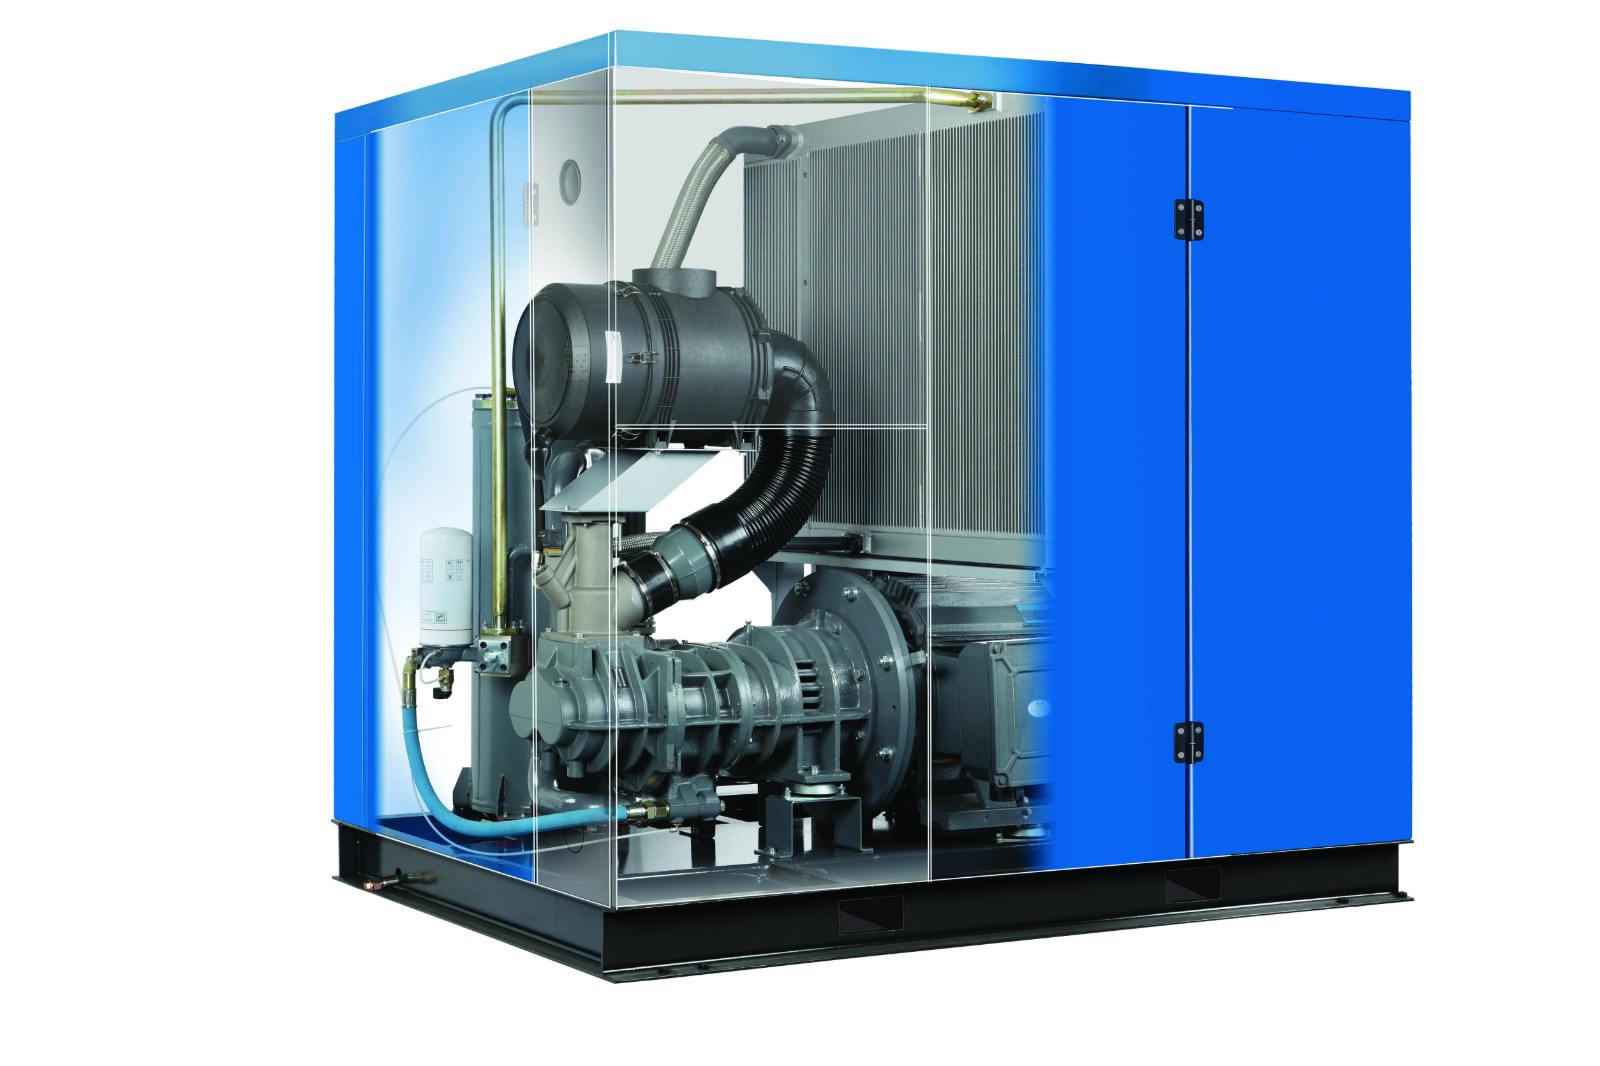 恒仕达机械_专业的螺杆空压机提供商-浙江螺杆空压机厂家